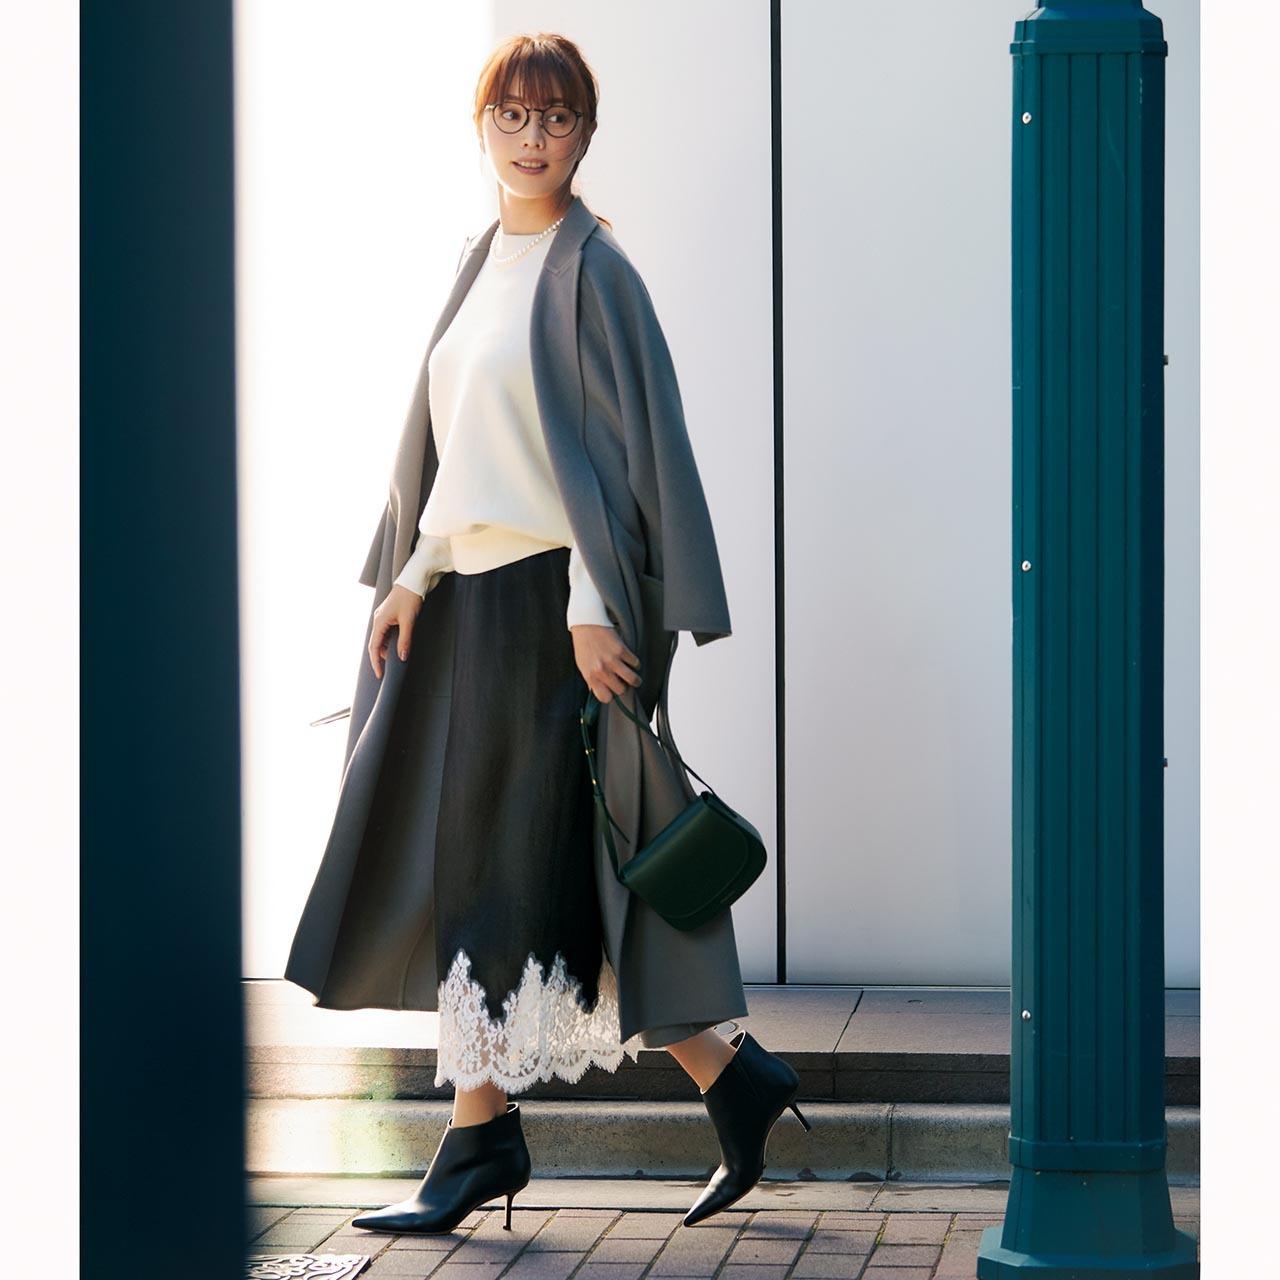 「ハリツヤ・スカート」投入で冬コーデを女性らしく華やかにアップデート!_1_1-1